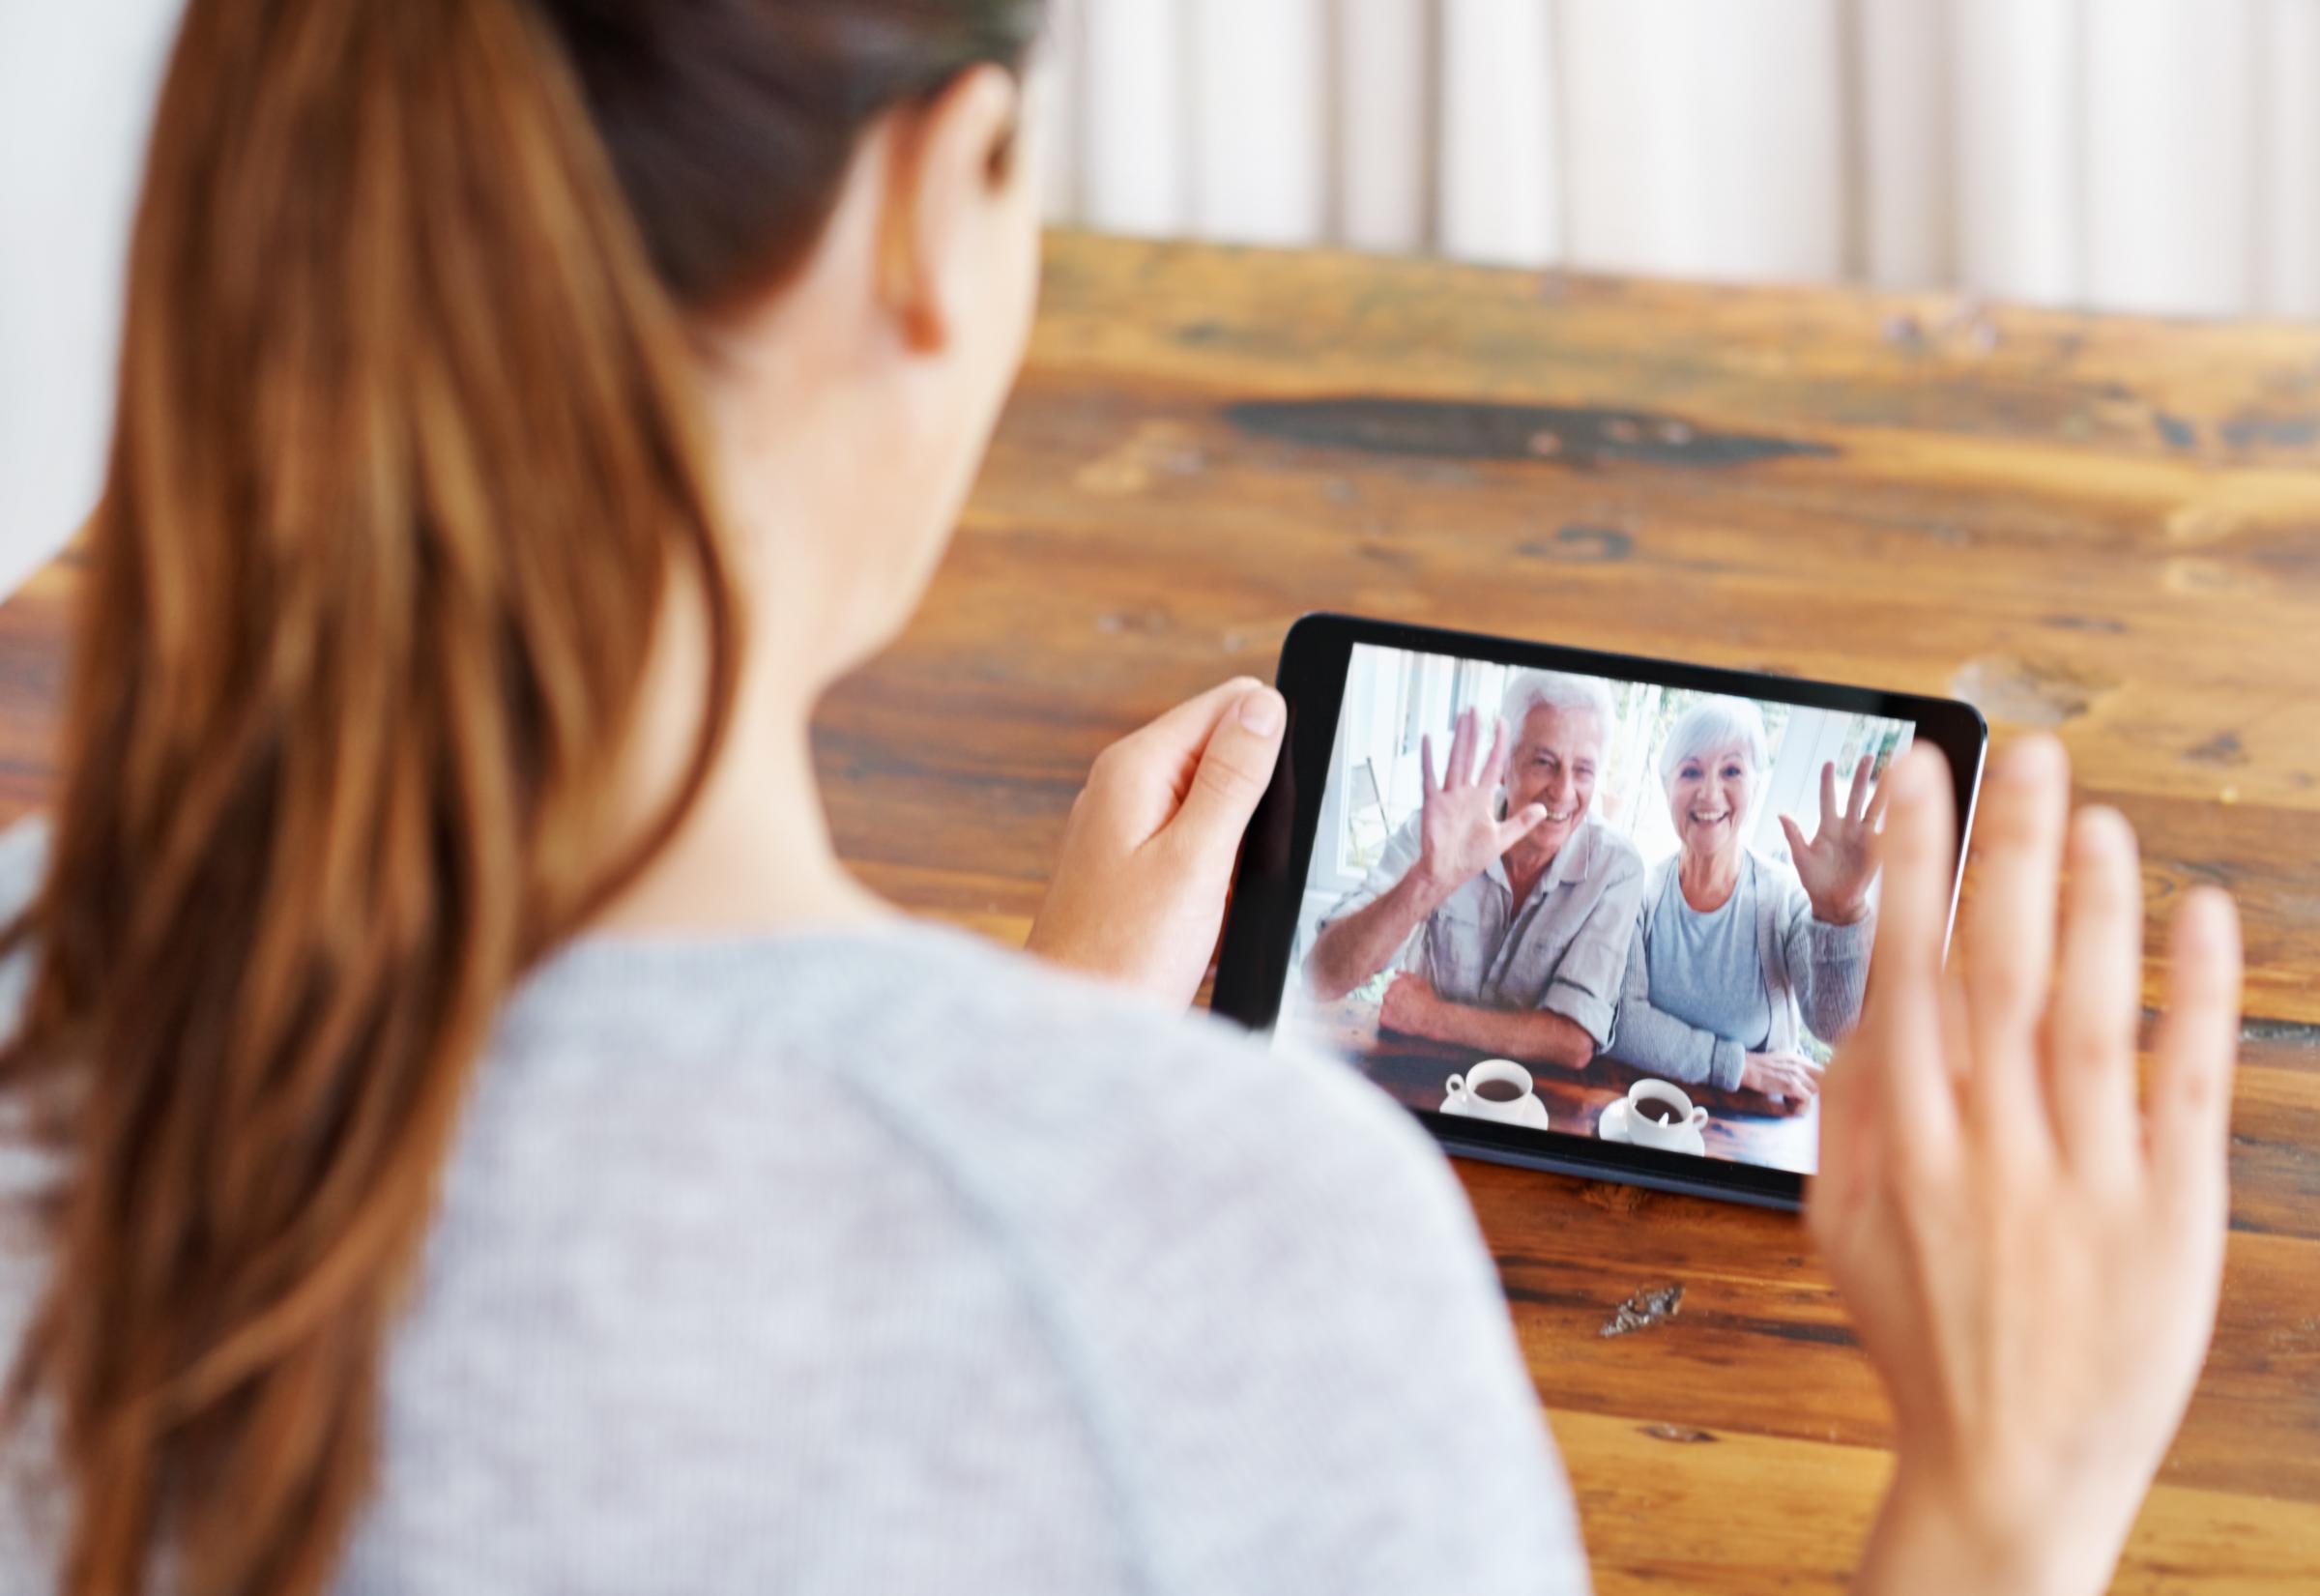 kegiatan bermanfaat selama wabah corona - video call